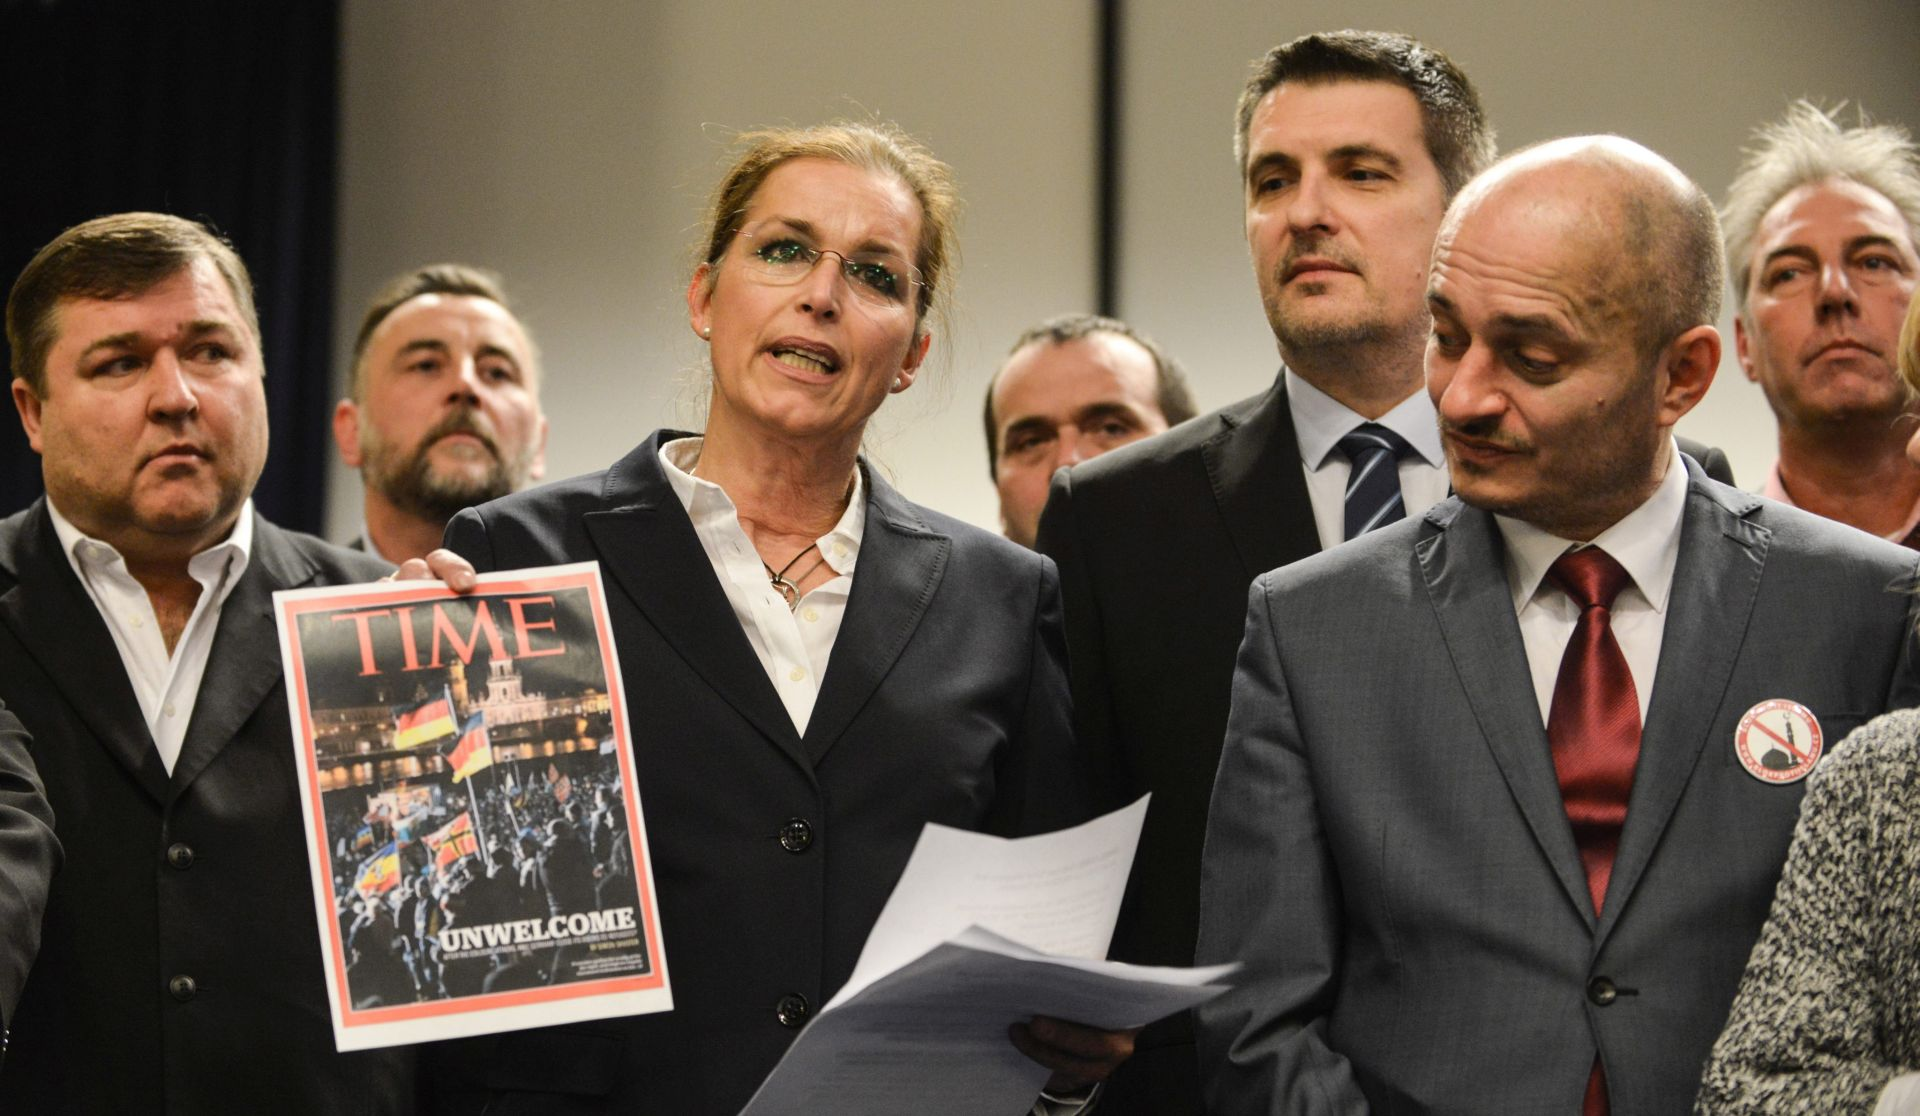 U 14 ZEMALJA: Pegida poziva na protuislamske prosvjede 6. veljače